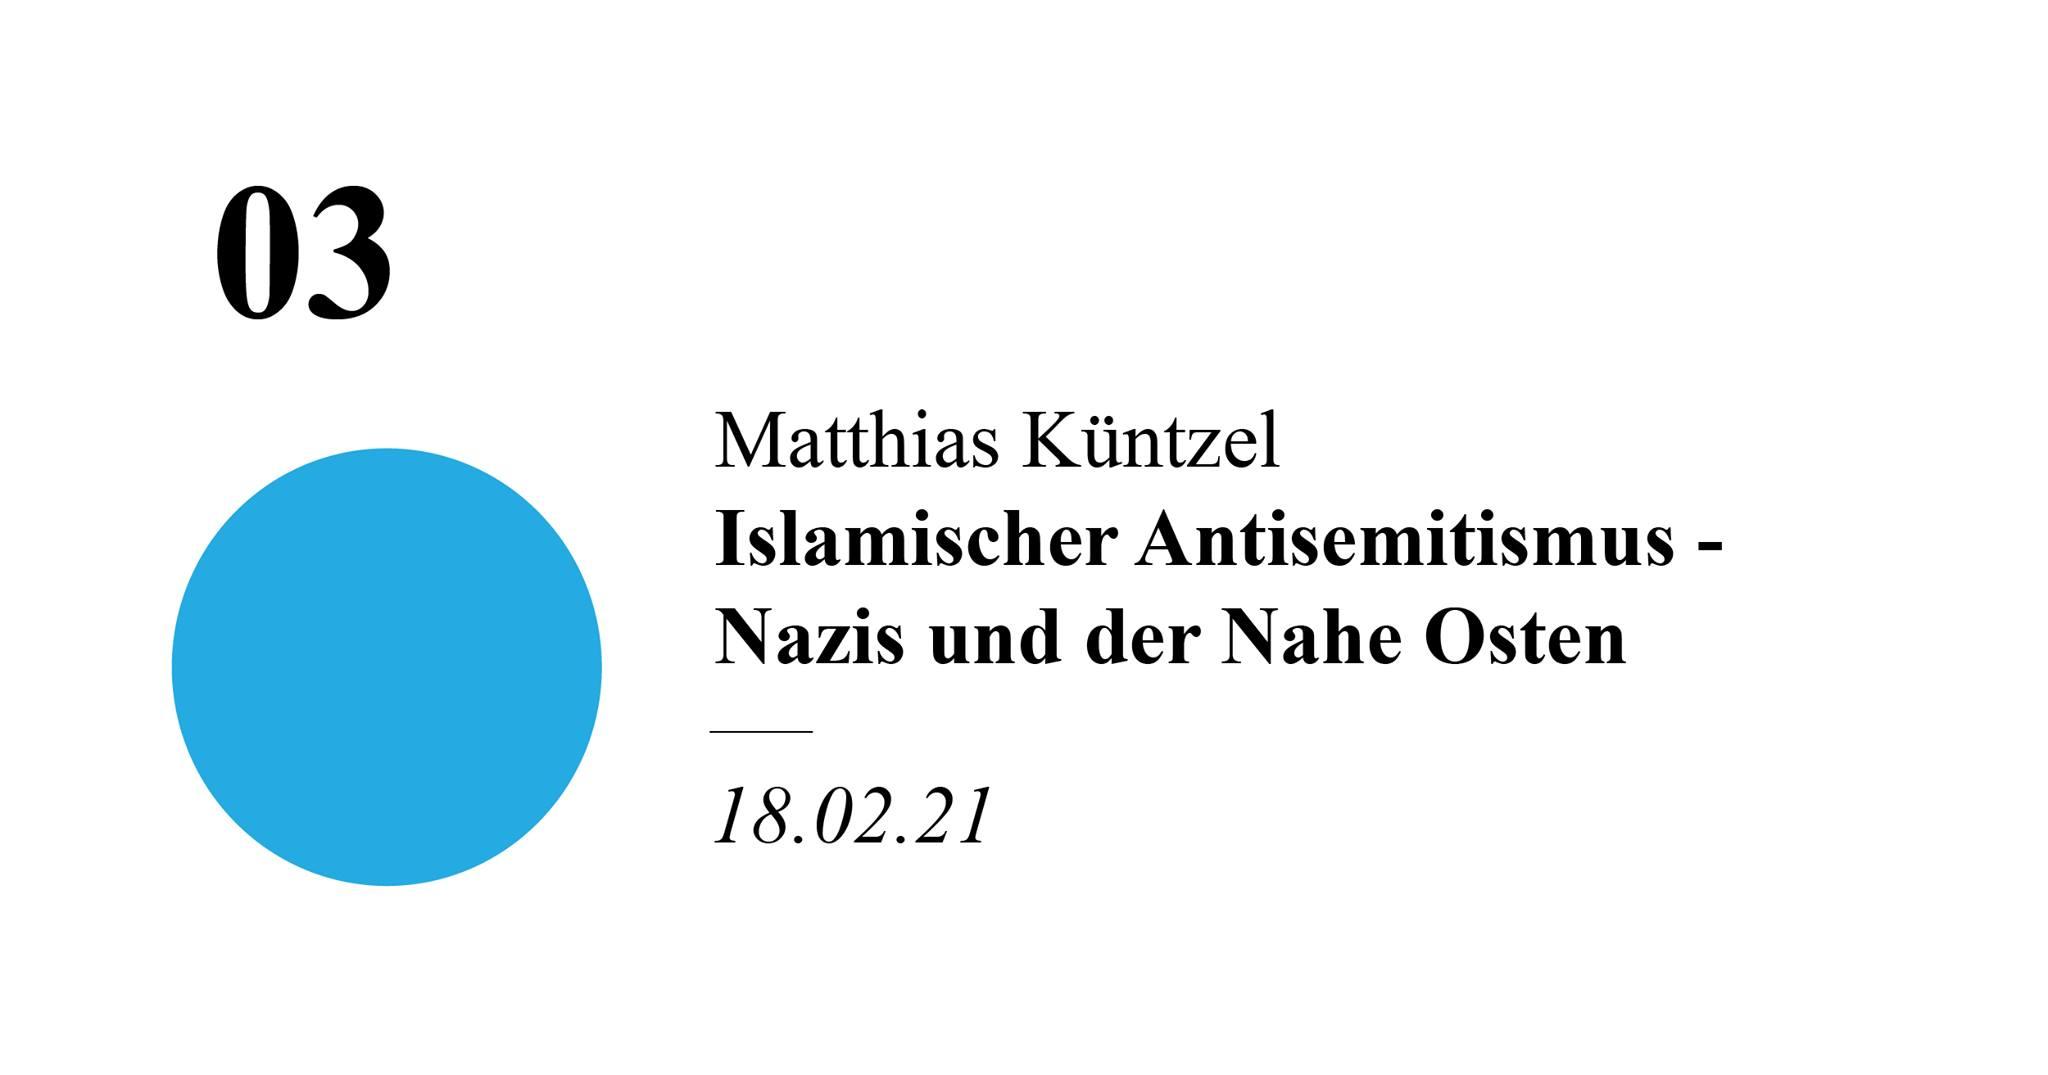 """Matthias Küntzel - """"Islamischer Antisemitismus - Nazis und der Nahe Osten"""""""